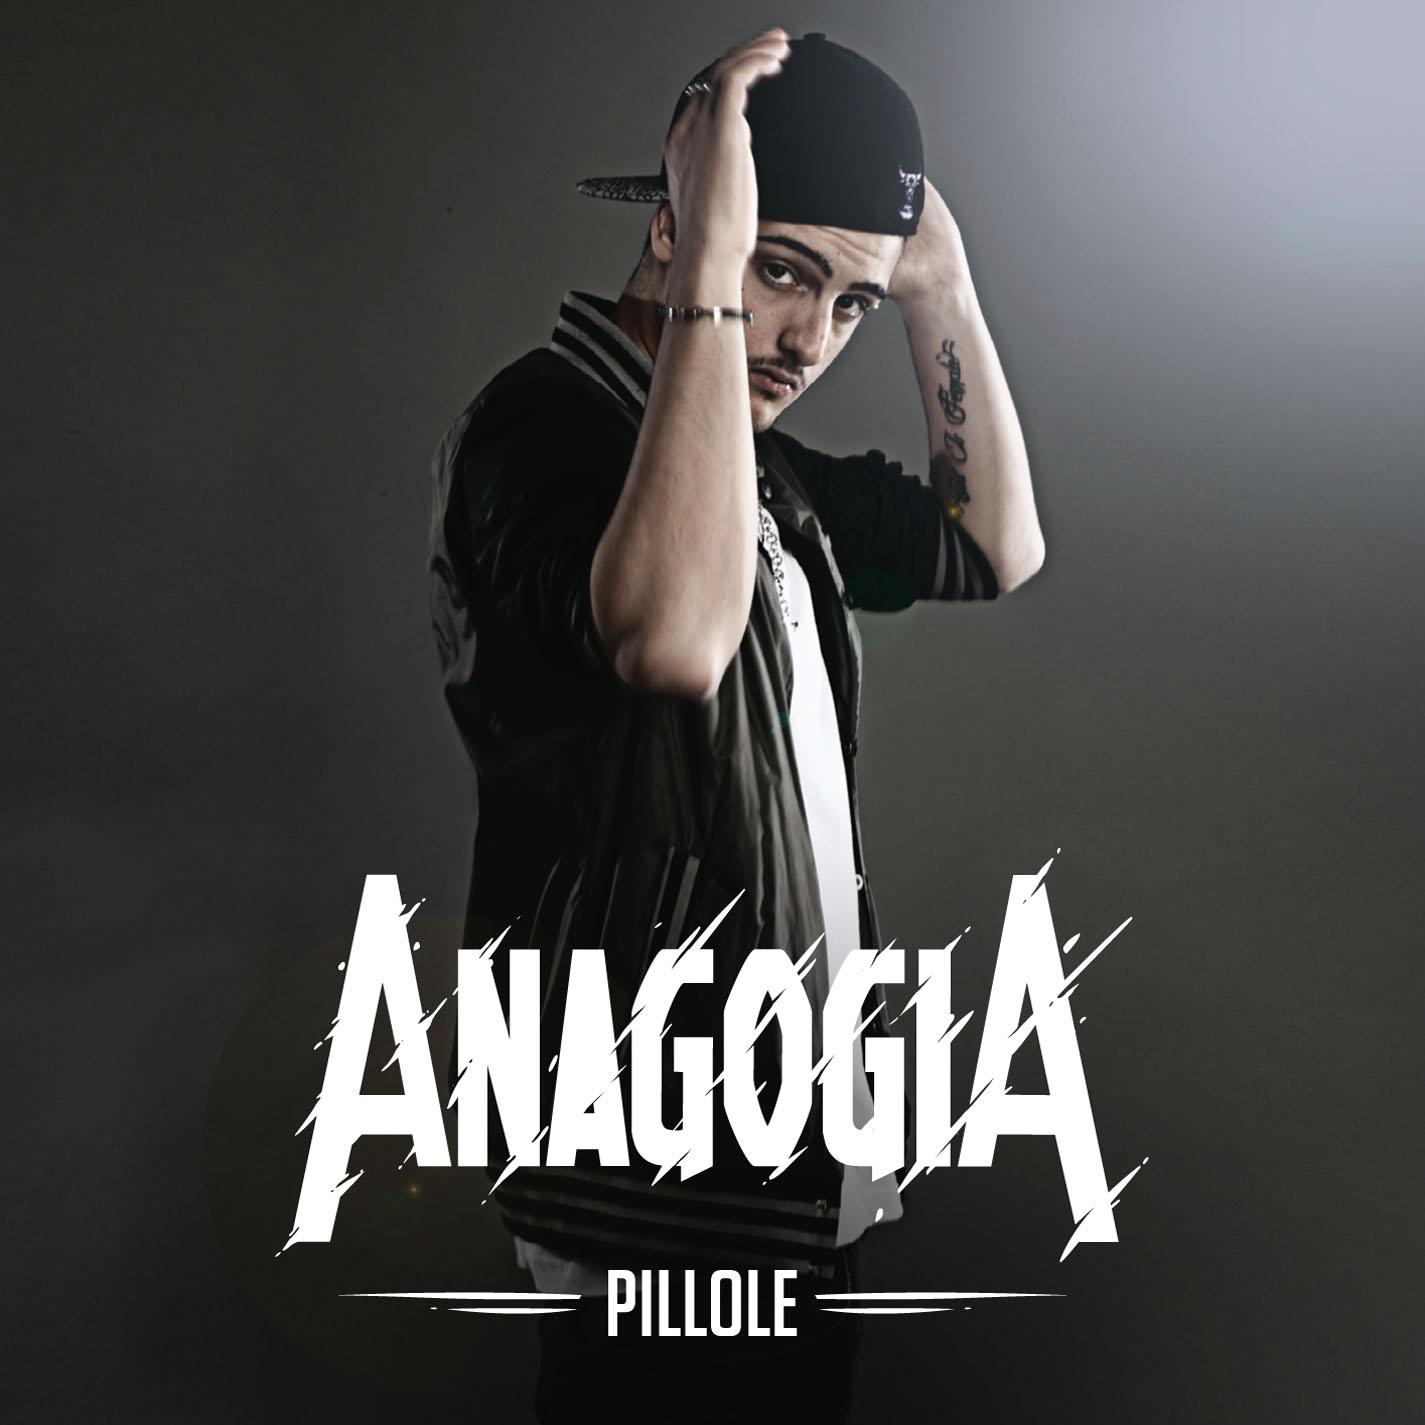 Anagogia Pillole Album Download